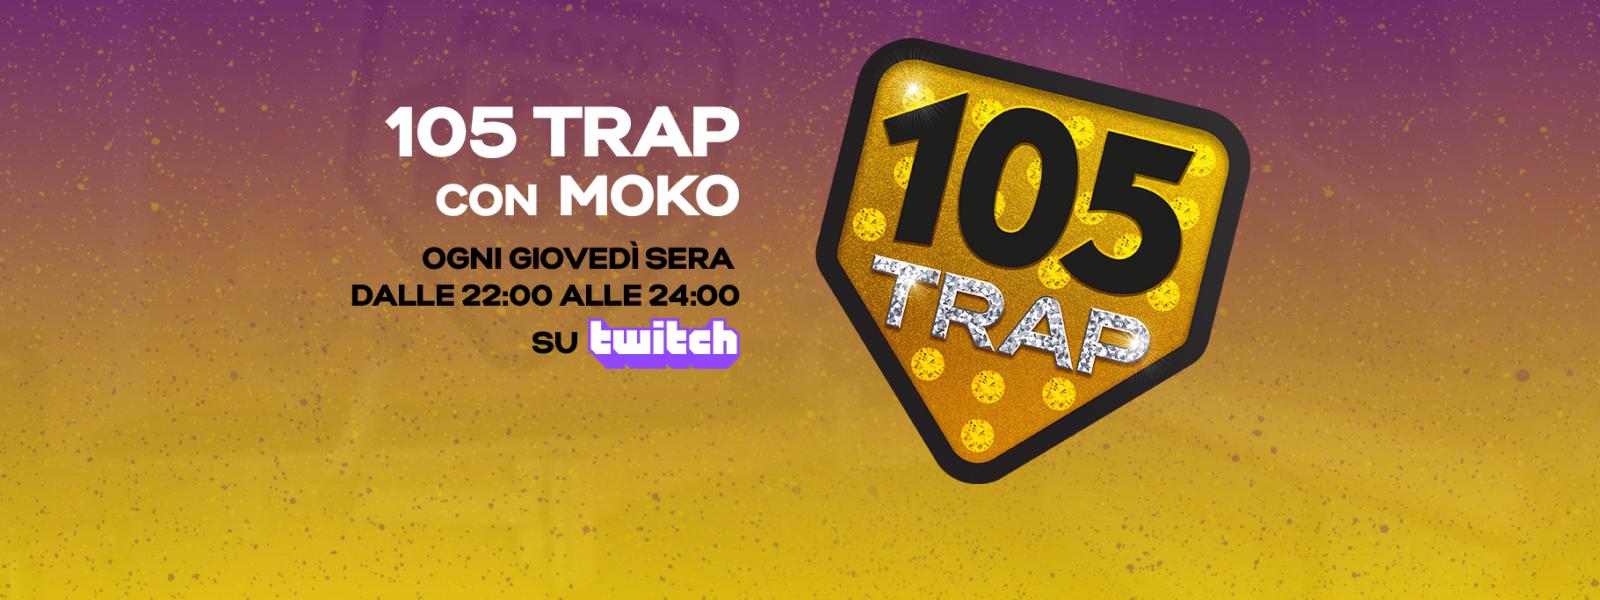 Interagisci direttamente con gli ospiti di 105 Trap su Twitch